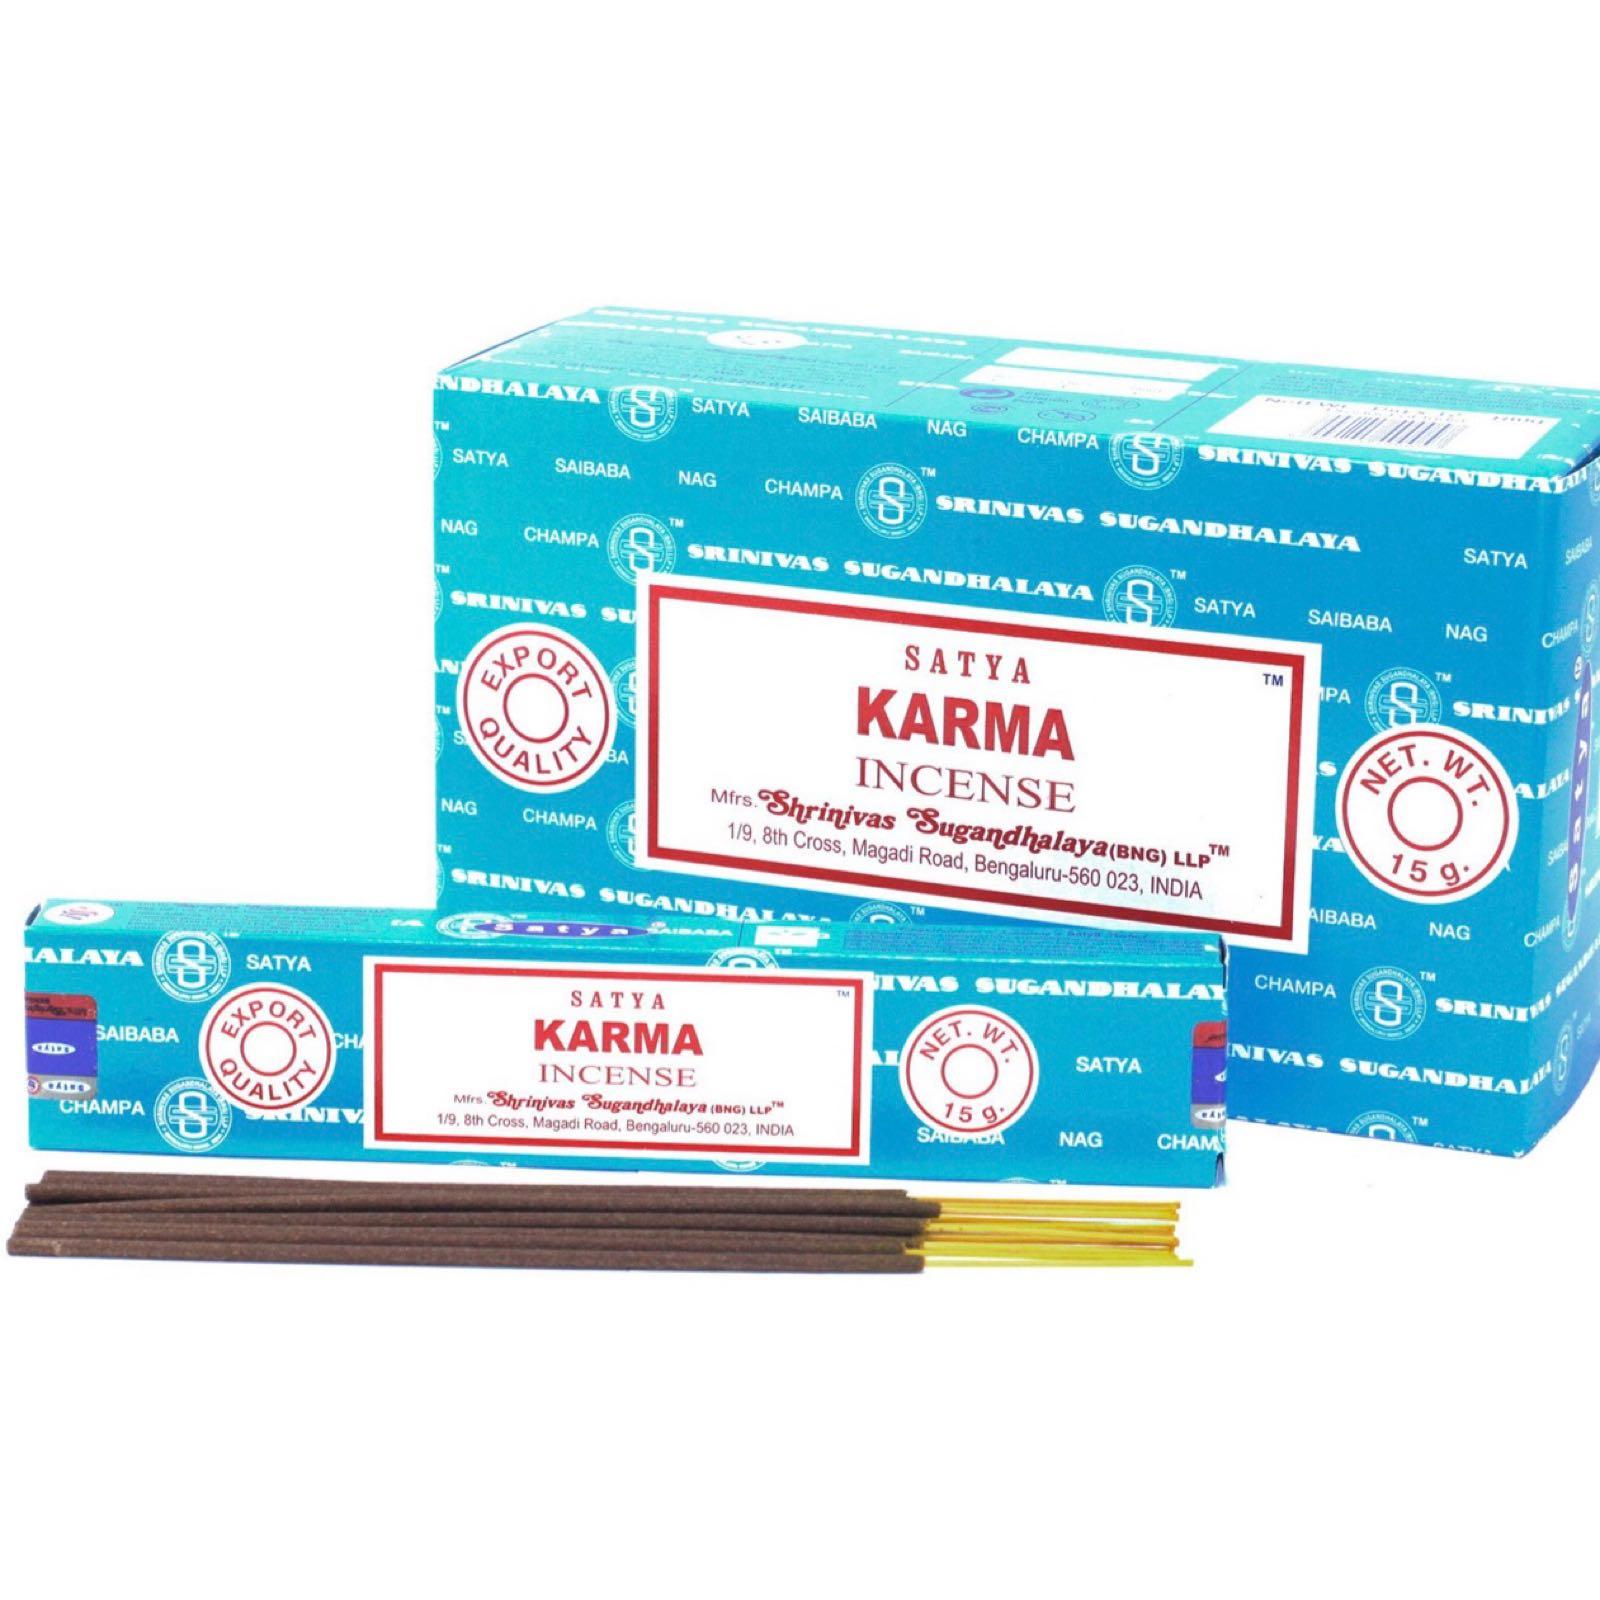 'Karma' Incense Sticks